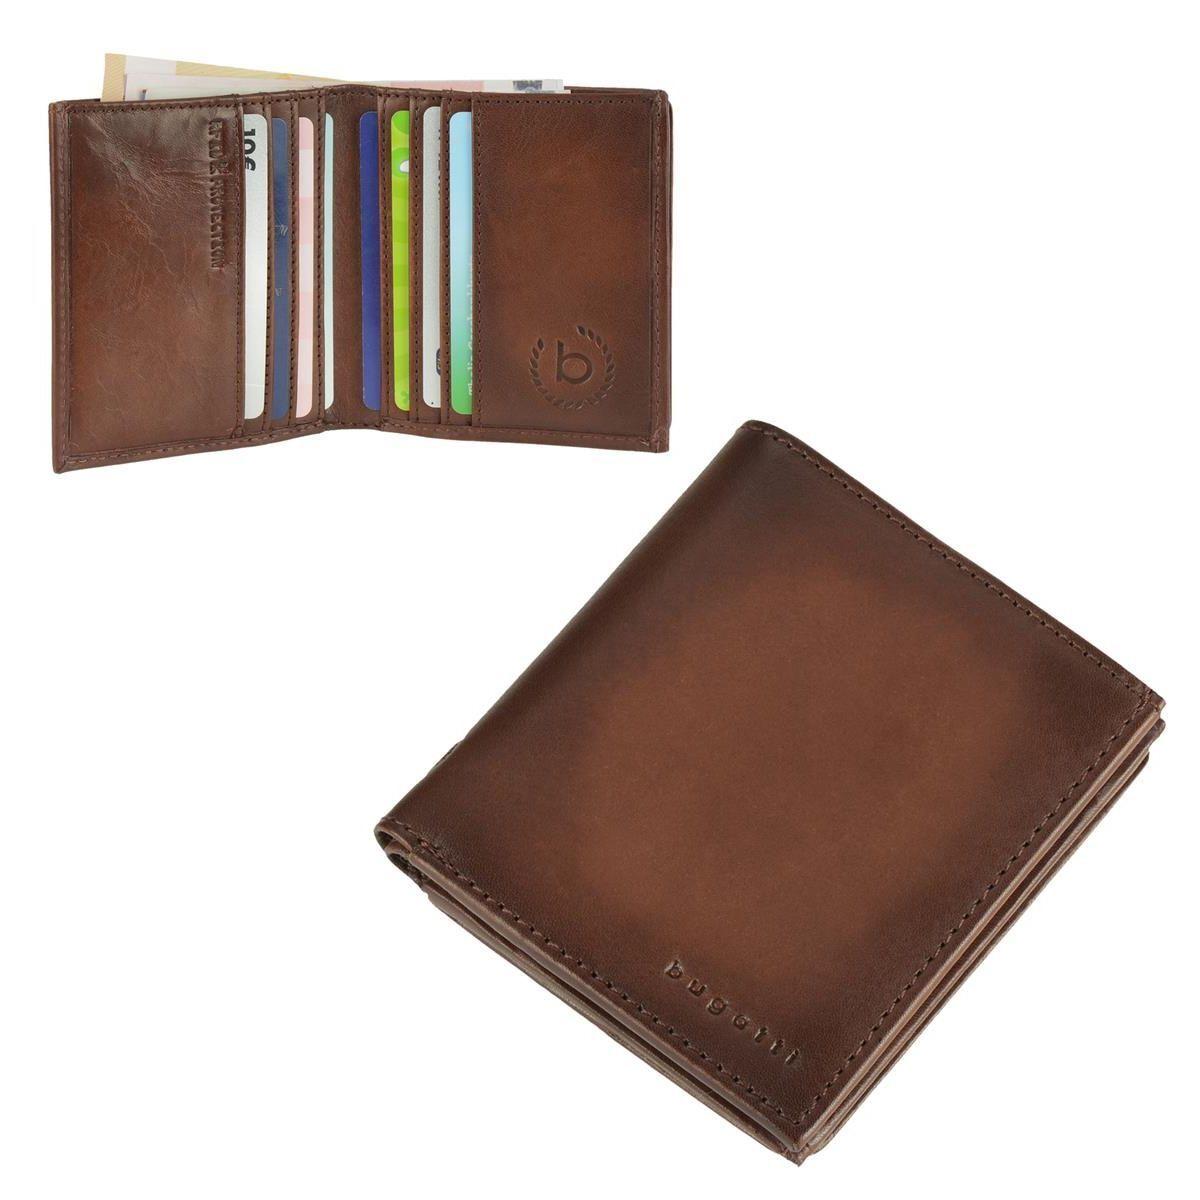 Bugatti Geldbörse RFID Kartenetui Kartenetui Kartenetui Leder Portemonnaie Geldbeutel Herren braun    Lassen Sie unsere Produkte in die Welt gehen  f8c97c